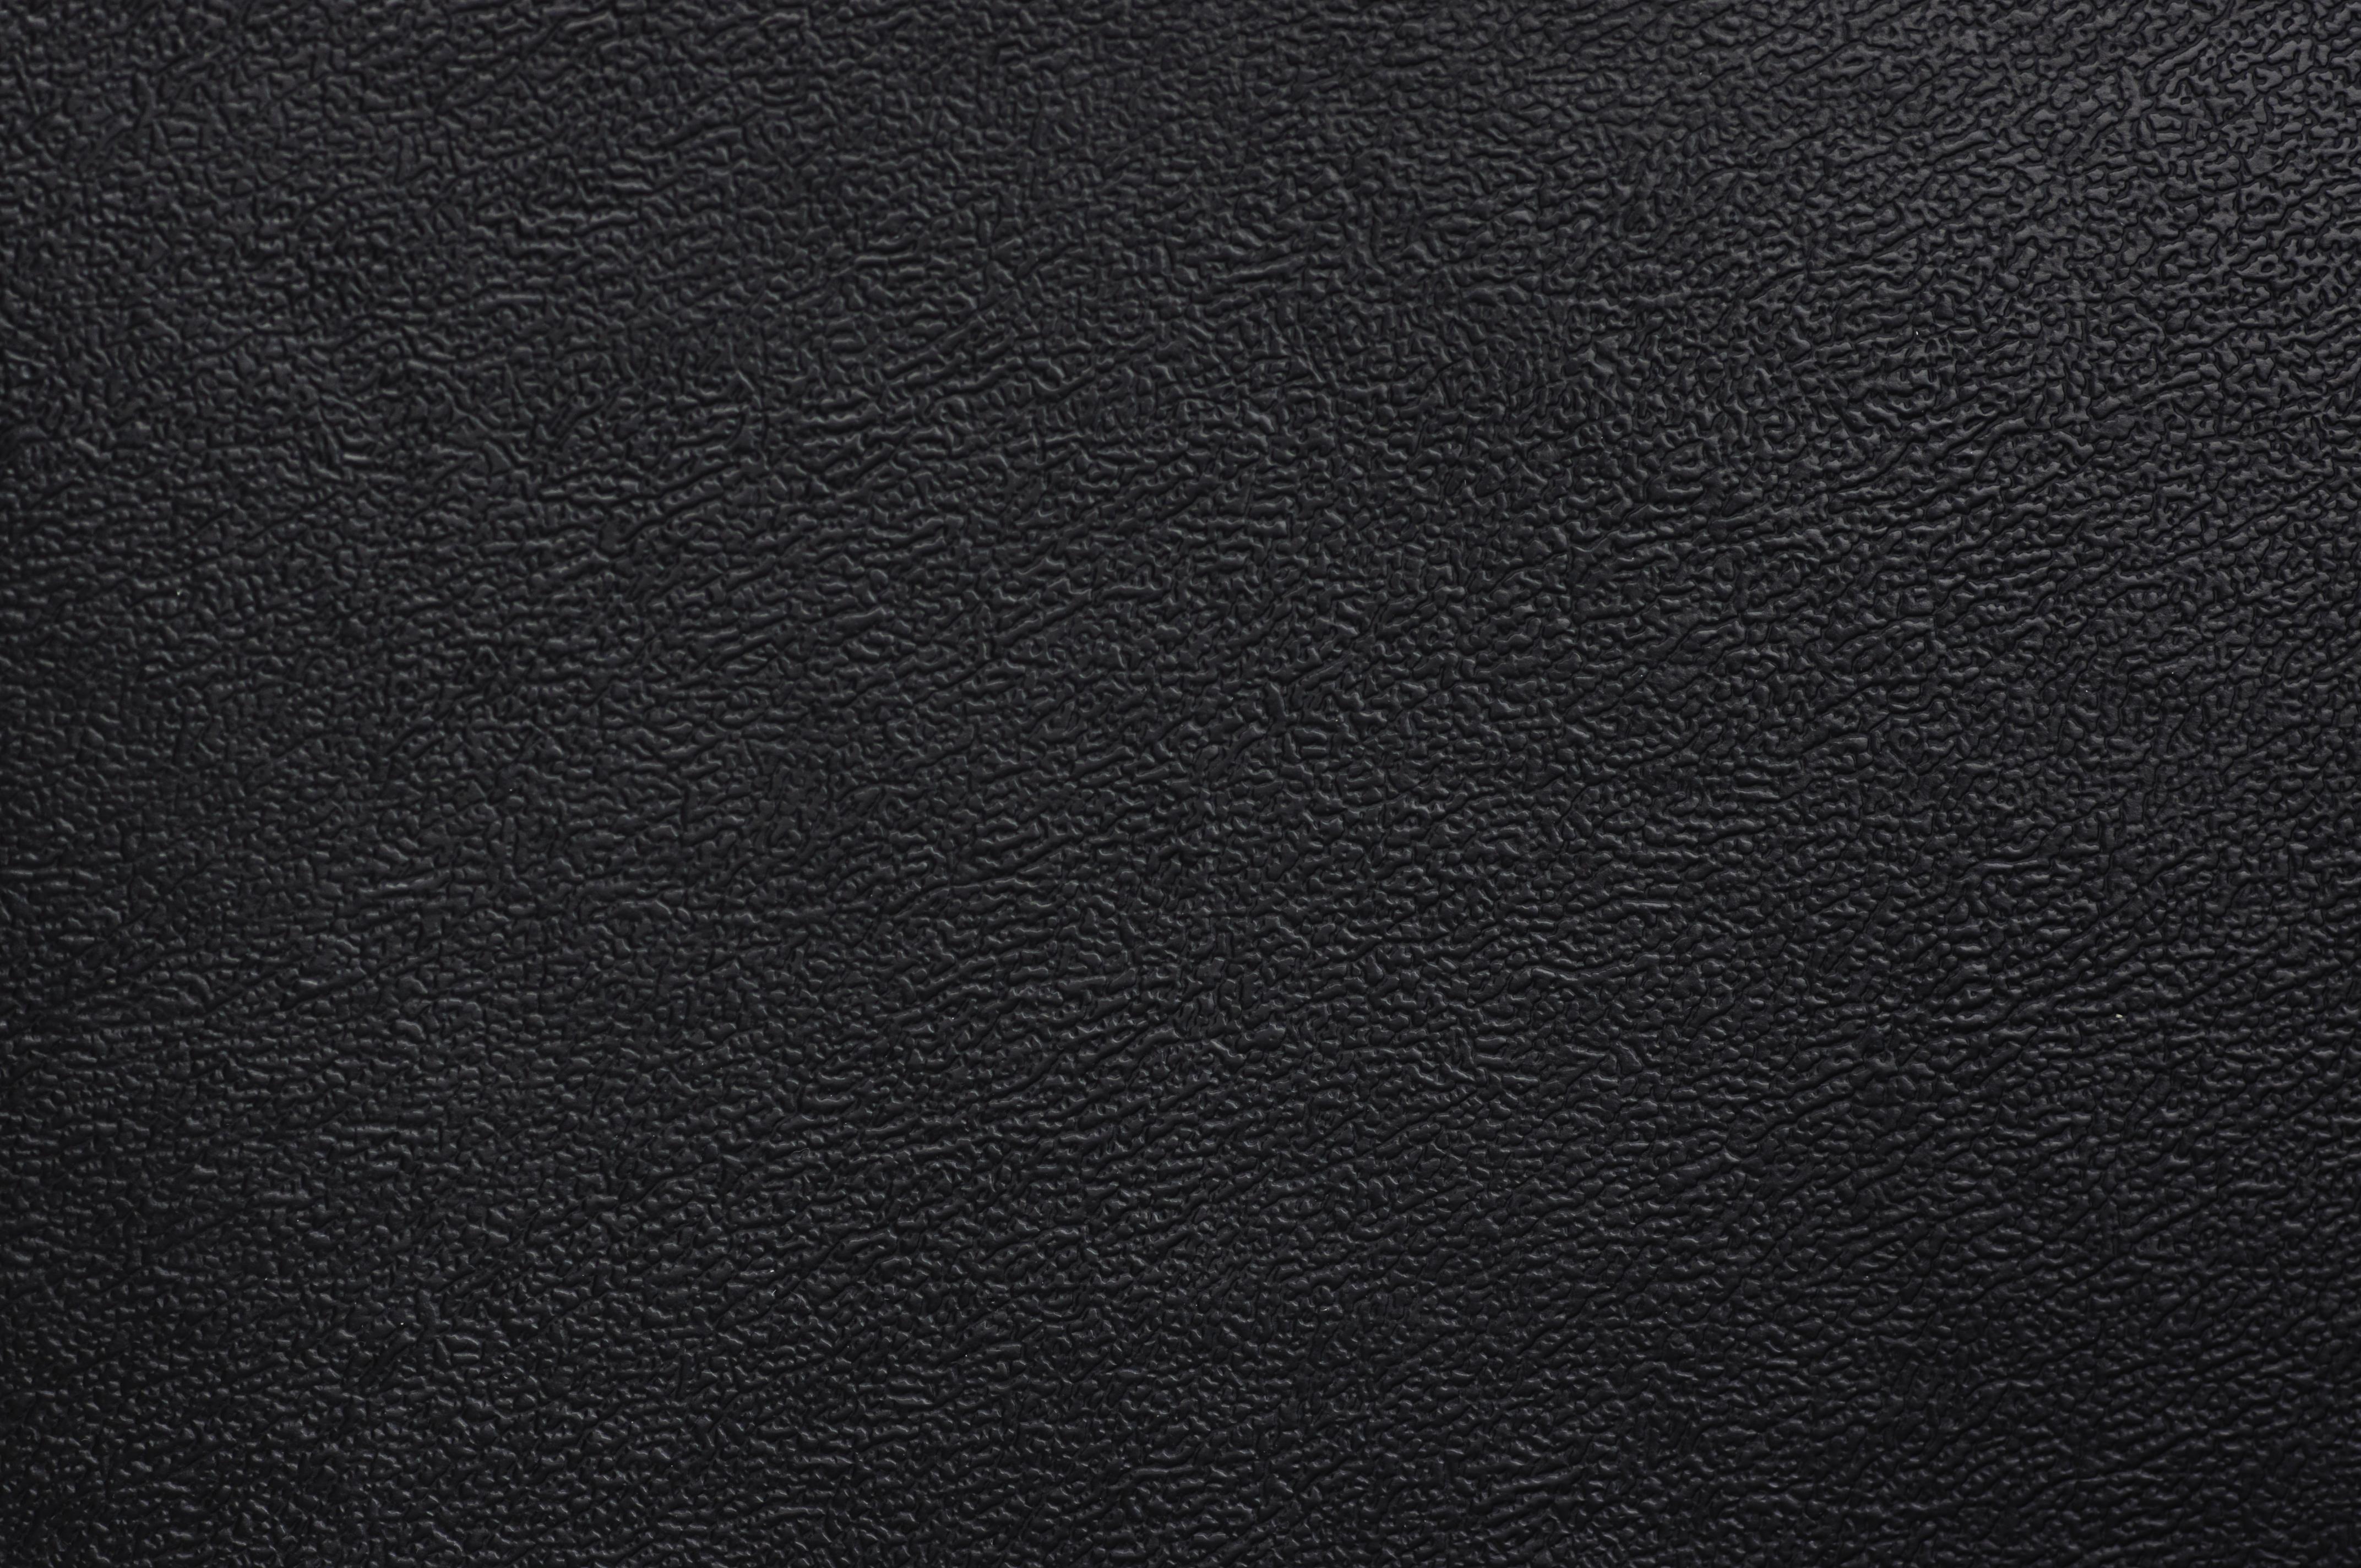 135797 Заставки и Обои Текстуры на телефон. Скачать Текстуры, Текстура, Рельеф, Кожа картинки бесплатно